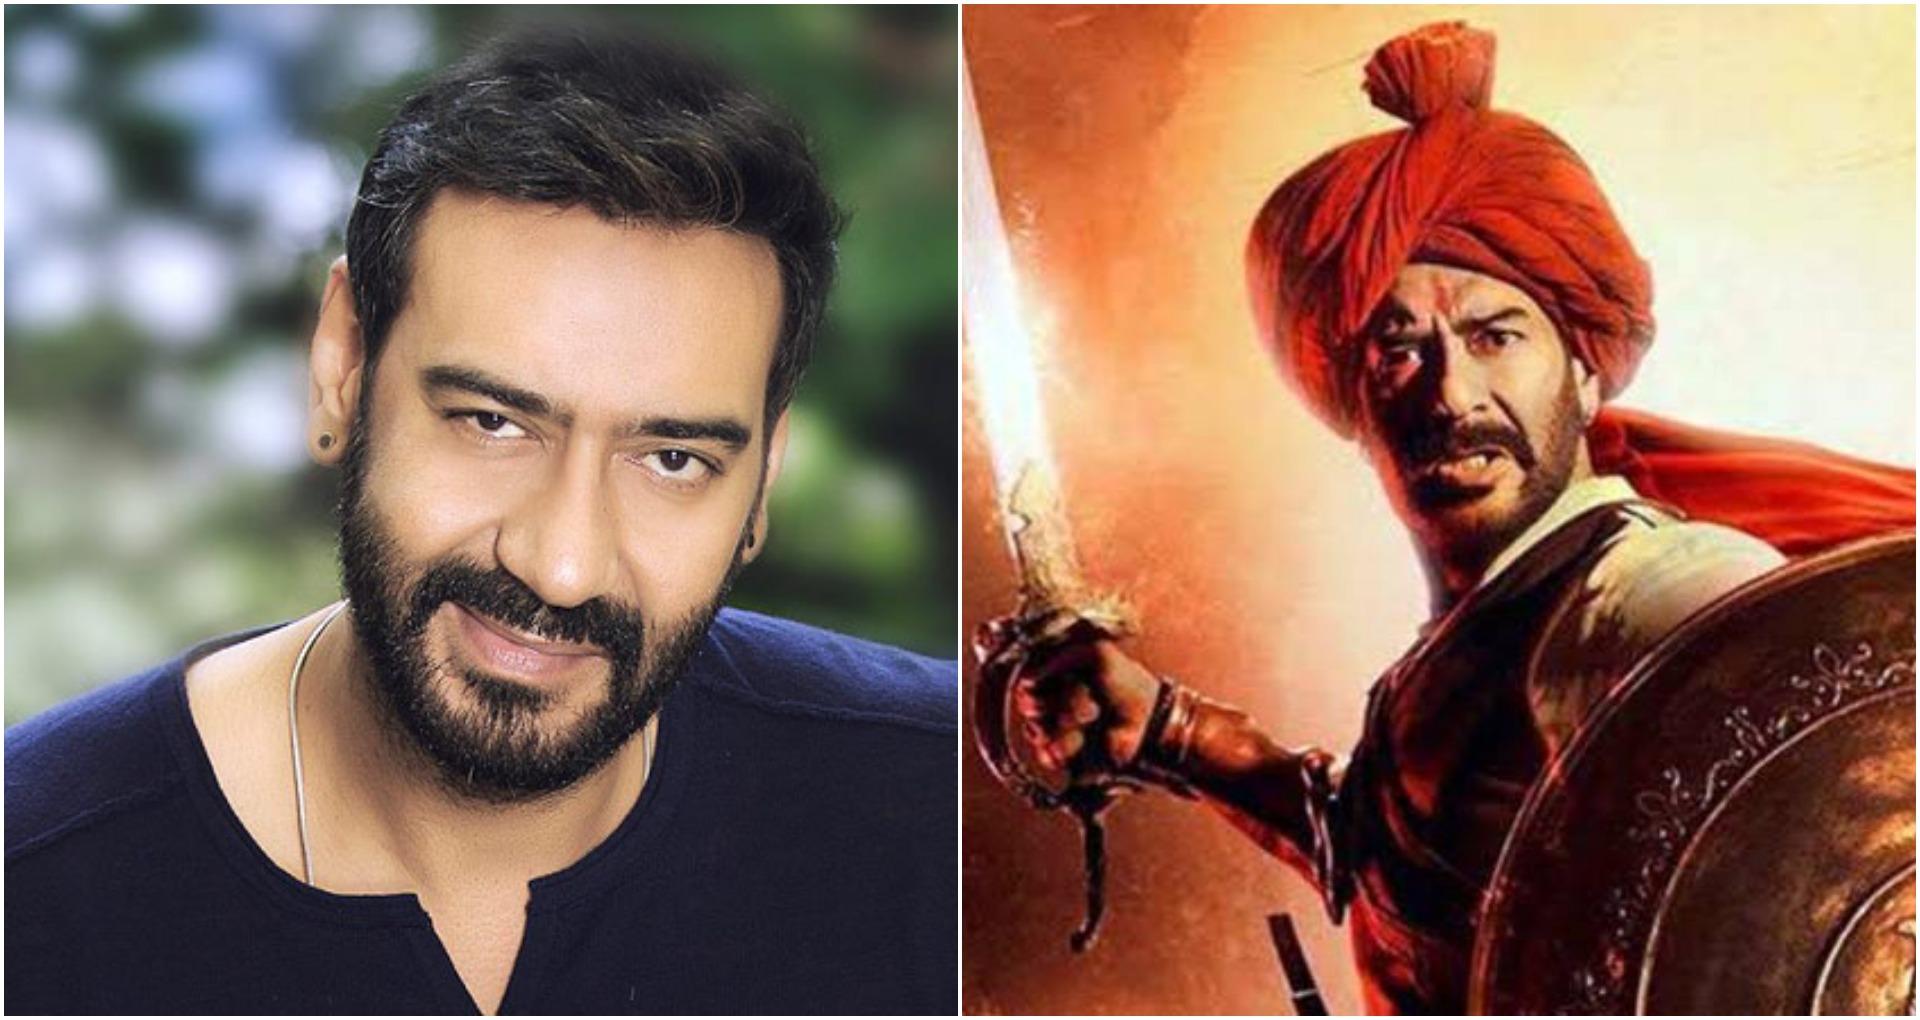 Tanhaji Box Office Collection: अजय देवगन की 'तान्हाजी' का जलवा कायम, 13वें दिन की इतनी कमाई